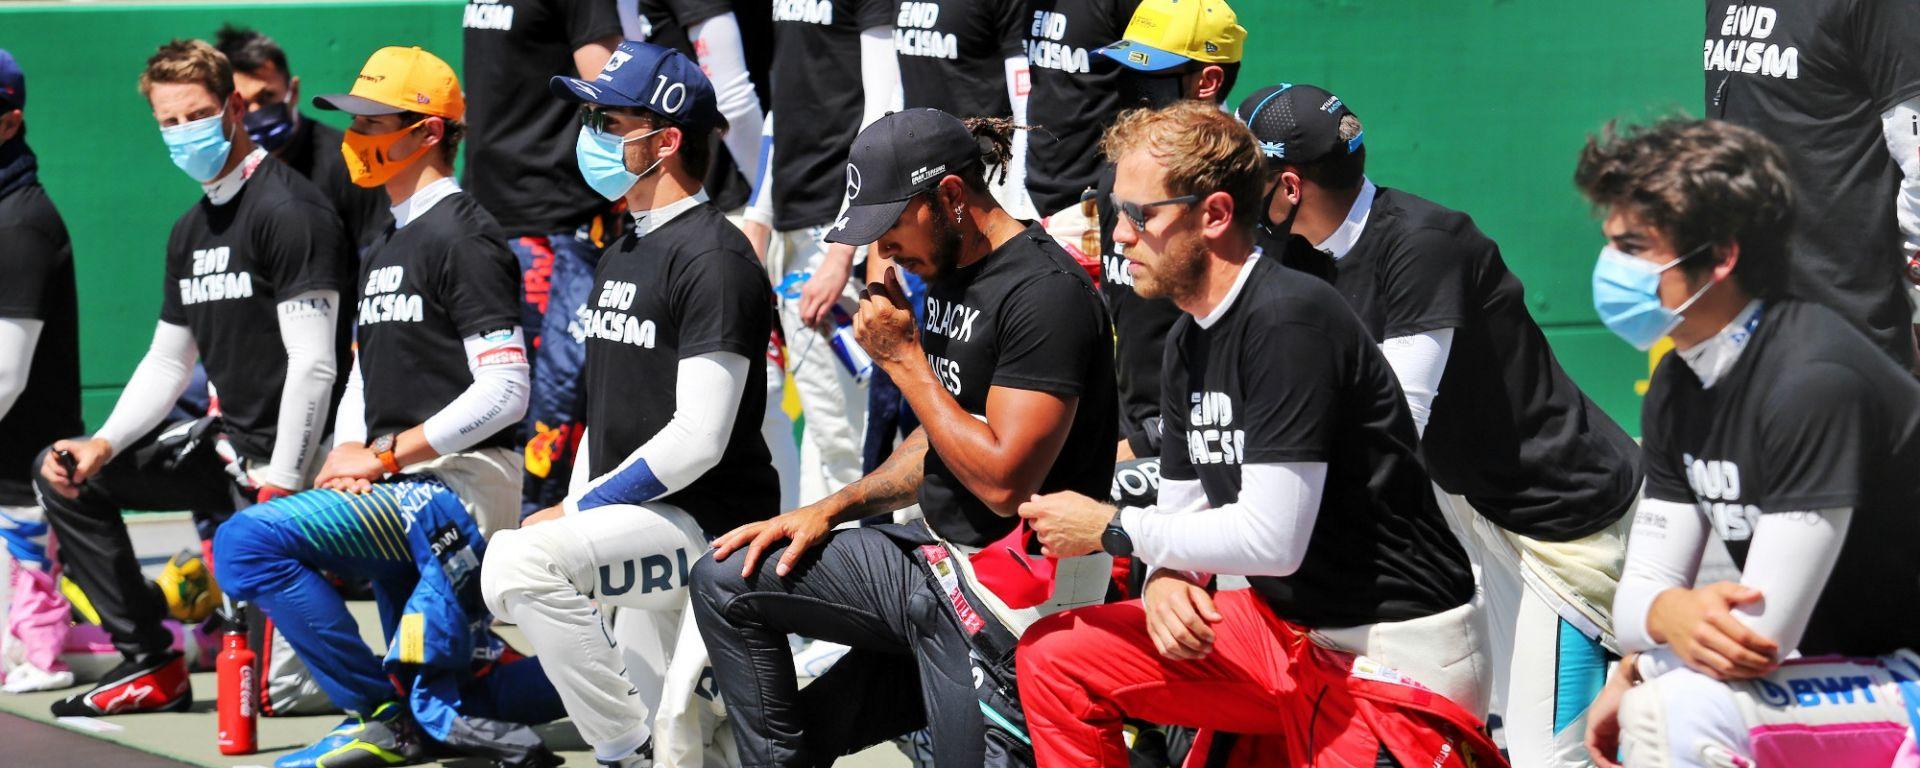 I piloti schierati contro il razzismo prima del via del GP d'Austria 2020